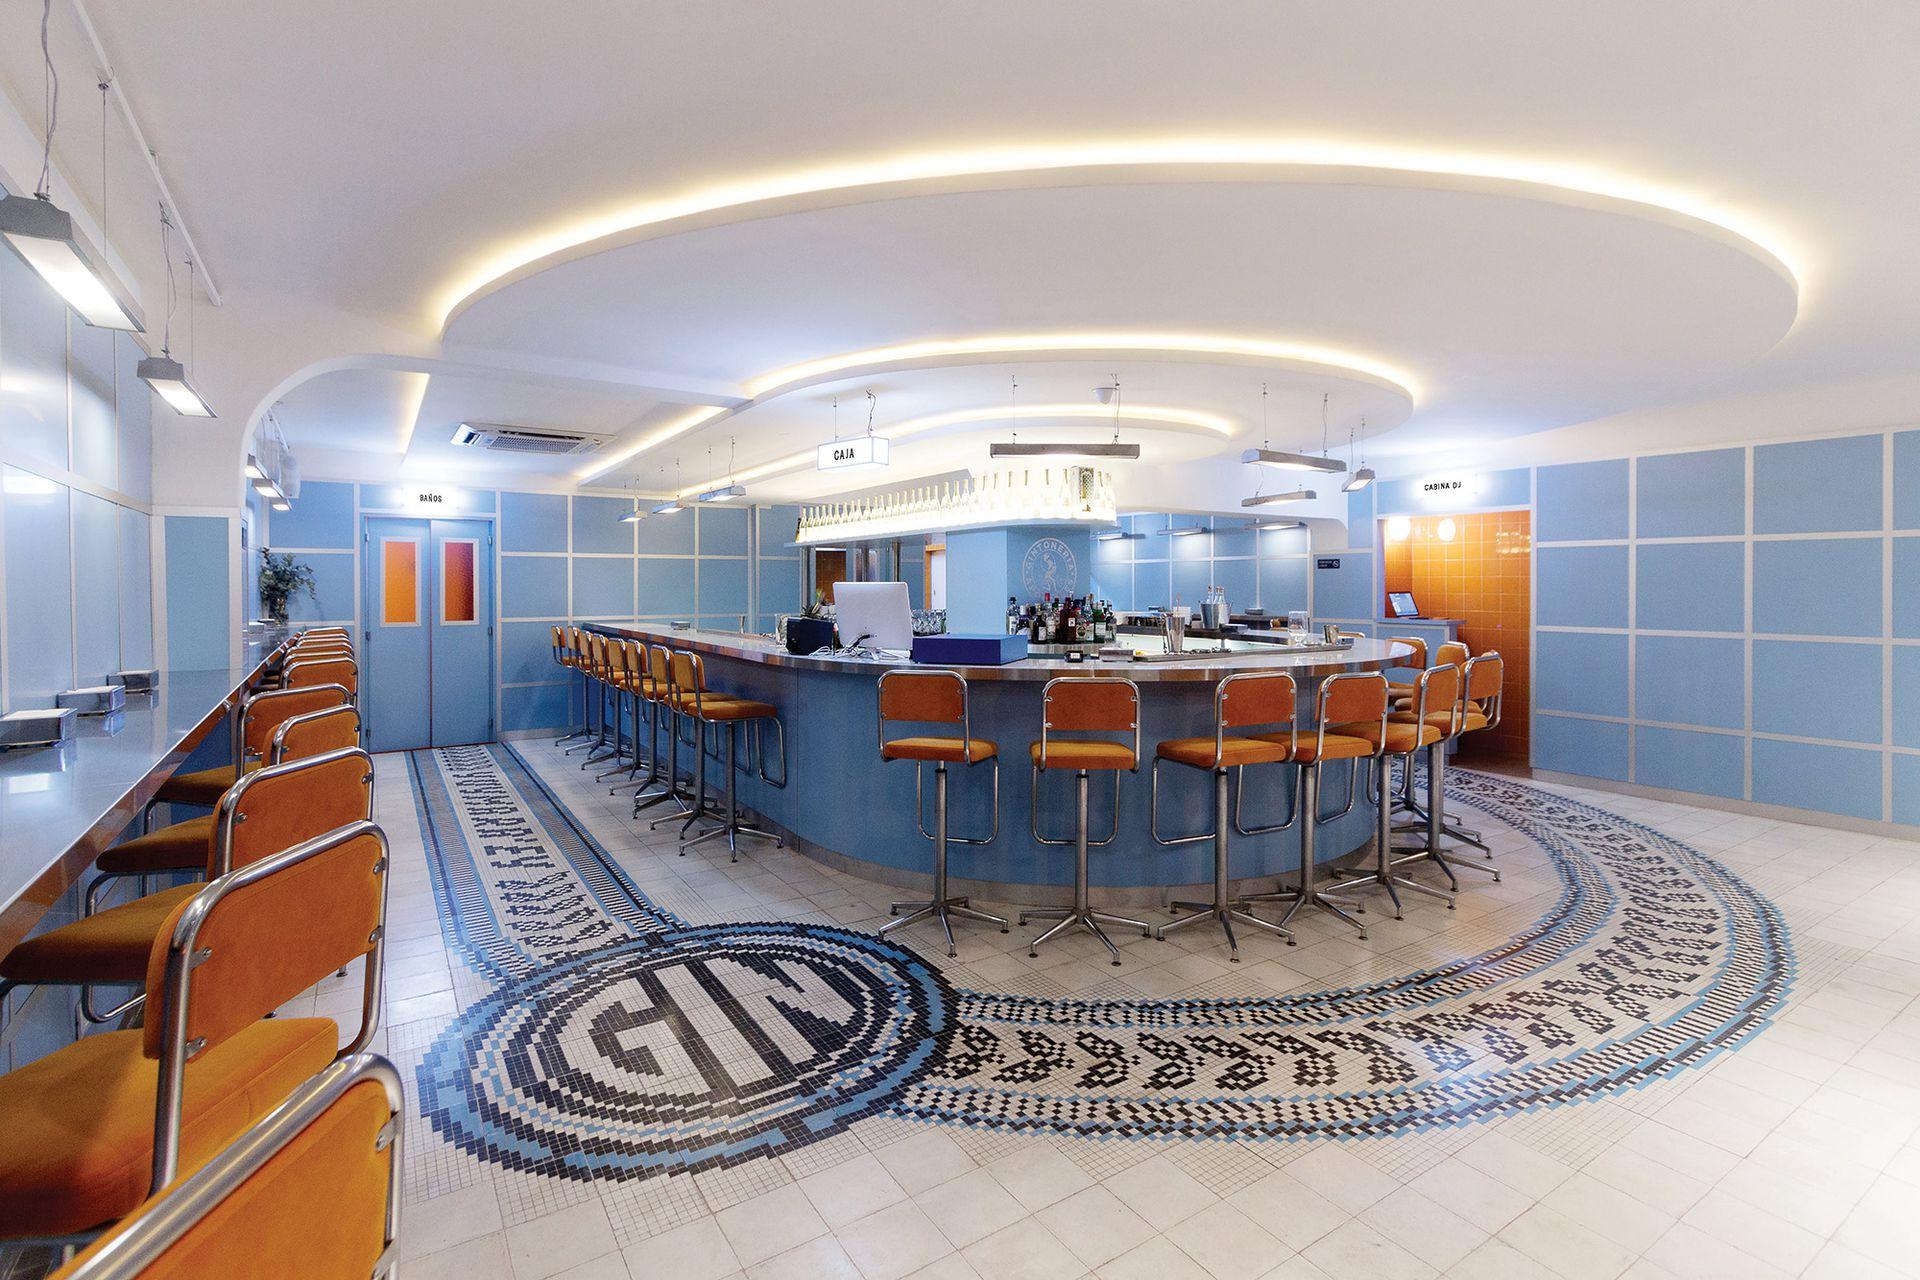 Este es uno de los espacios ambientados por Eme Carranza, uno de los talentos que repasamos en nuestro dossier especial de diseñadores.